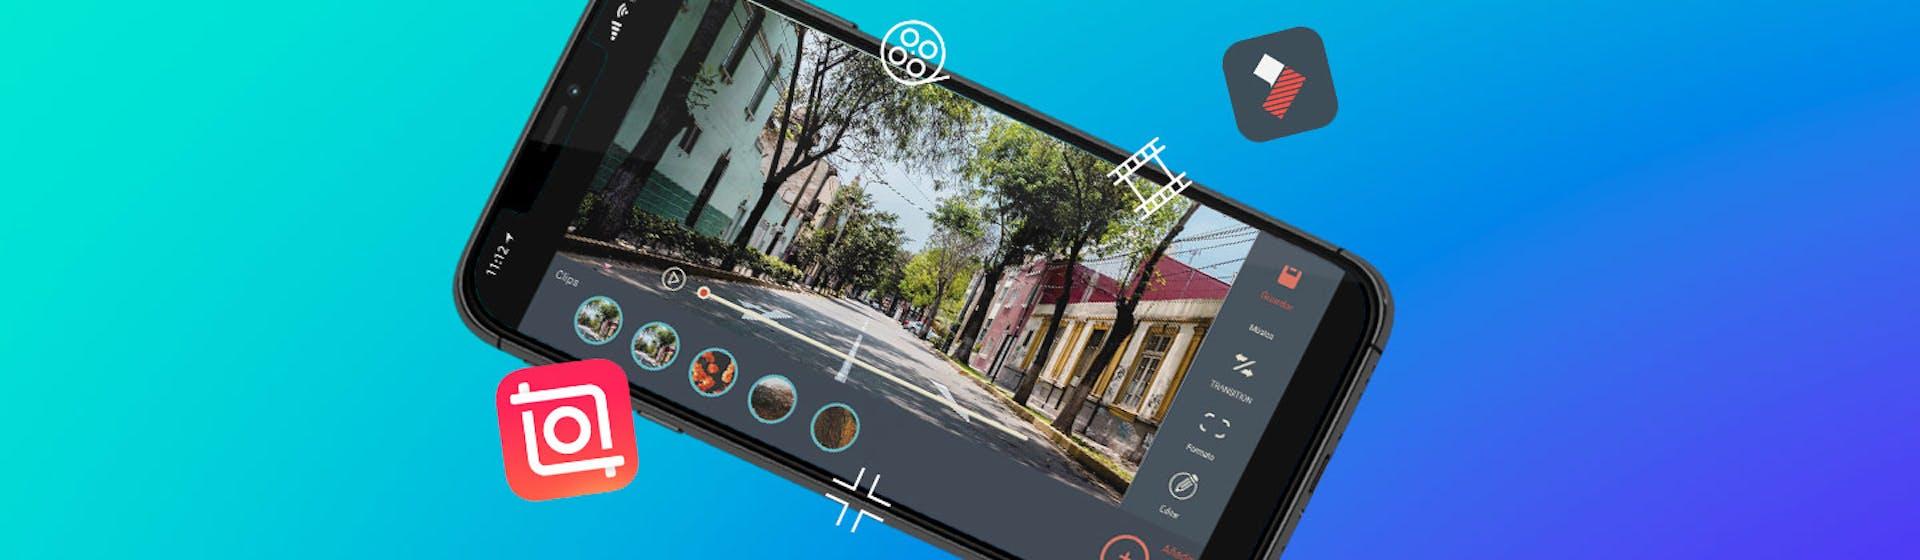 Prueba estas 15 aplicaciones para hacer videos con fotos y dale vida a tus recuerdos